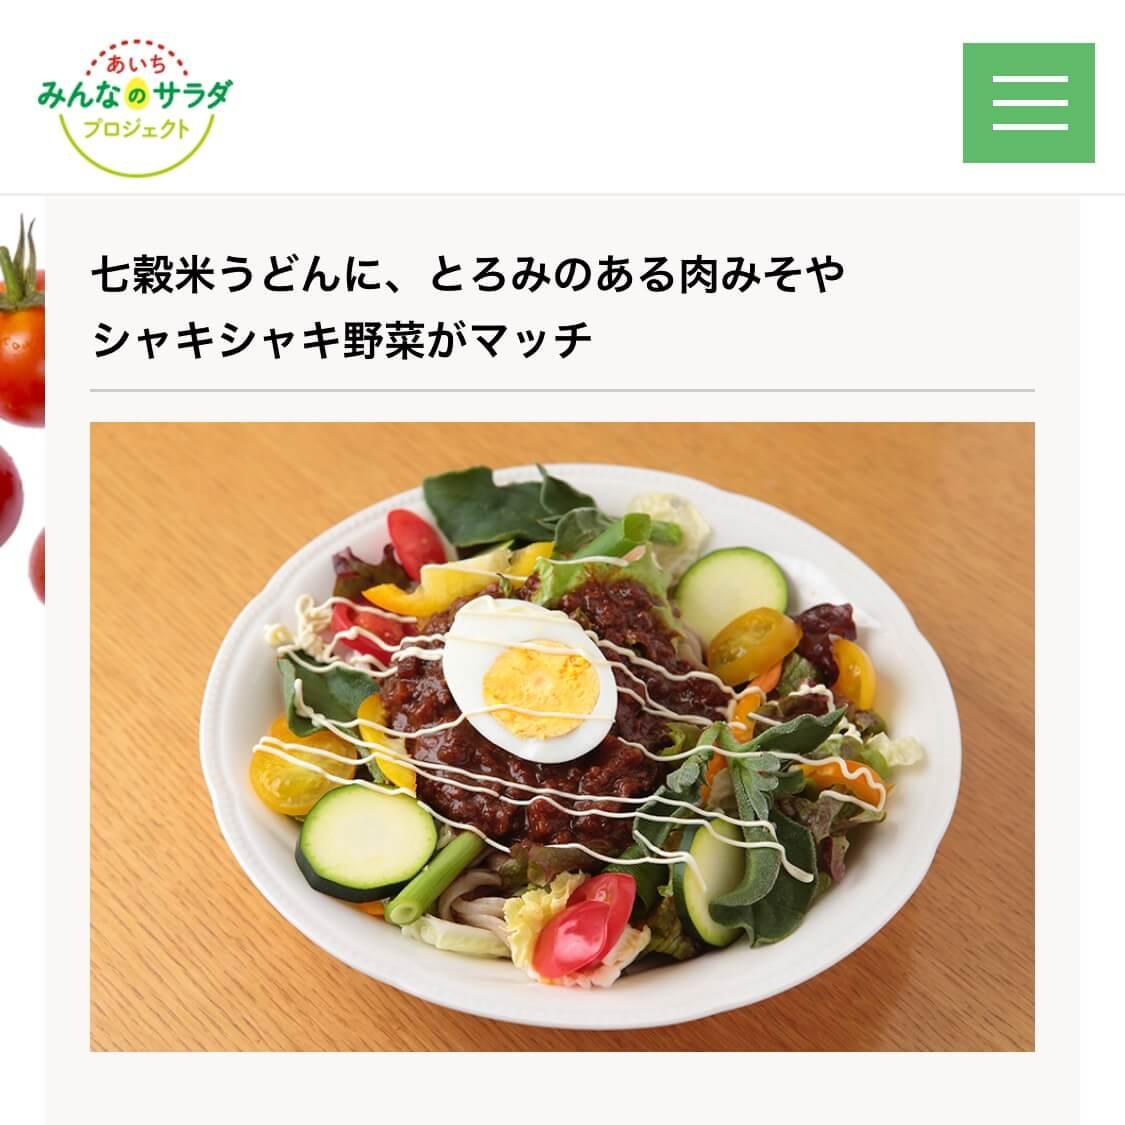 キャンペーン|愛知県安城市 暮らしのお店あいち みんなのサラダプロジェクト